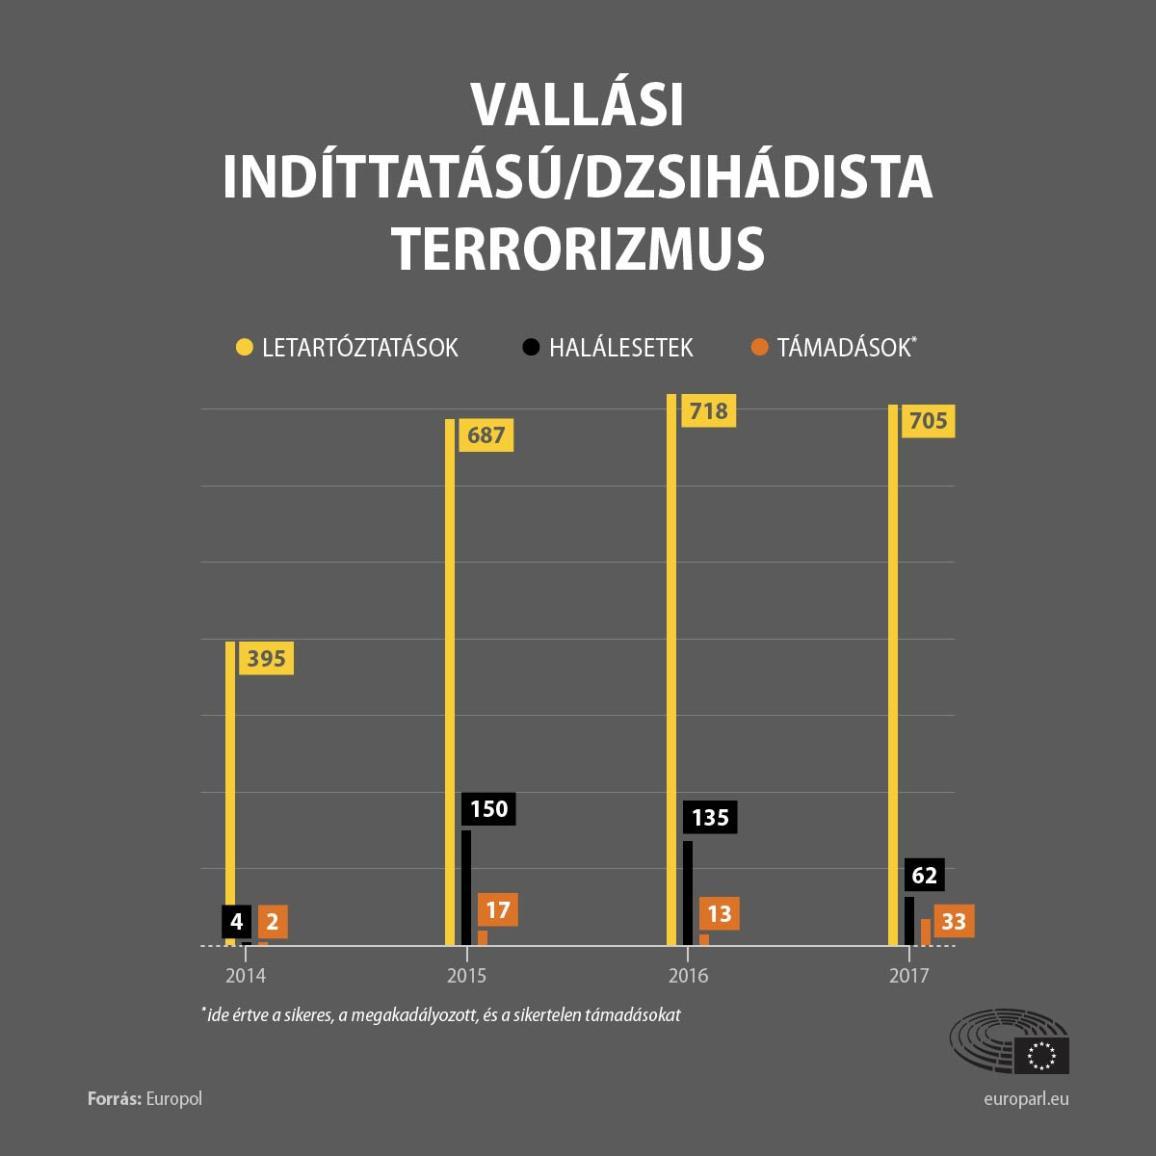 Infografika a vallási indíttatású, dzsihádista terrorizmusról az EU-ban